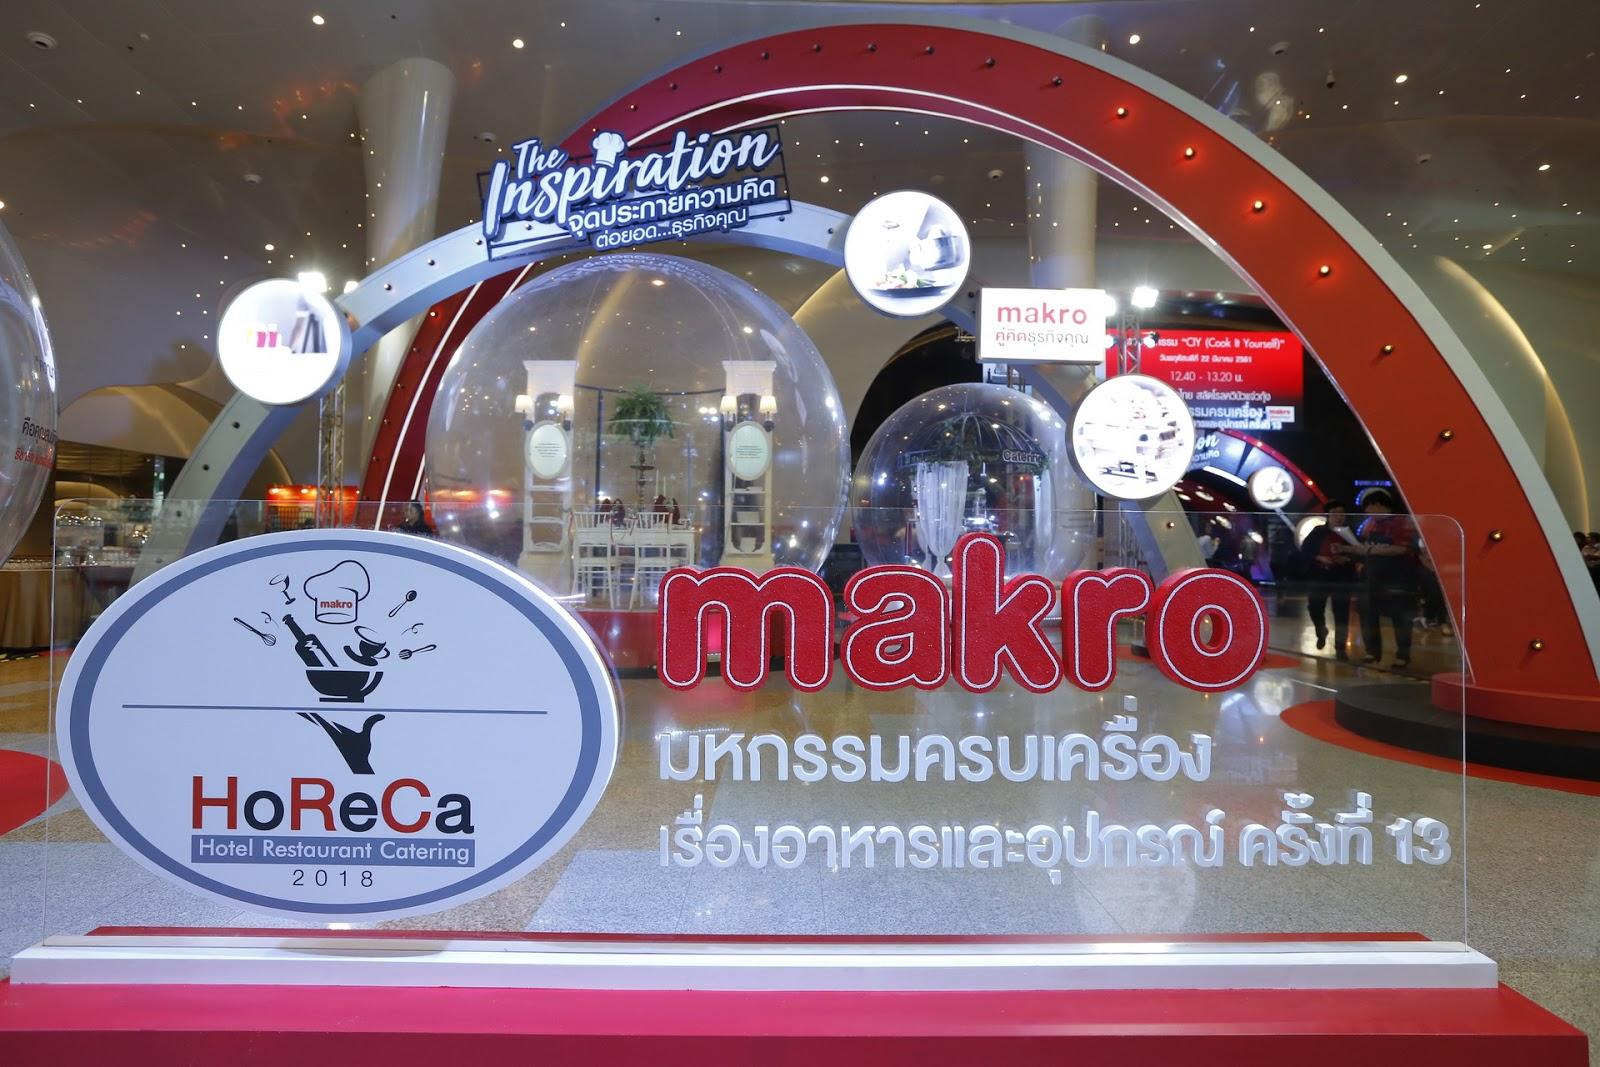 """แม็คโคร จัดงานมหกรรมยิ่งใหญ่ประจำปี """"แม็คโคร โฮเรก้า ครั้งที่ 13""""  ภายใต้แนวคิด """"The Inspiration"""" สร้างแรงบันดาลใจ   จุดประกายความคิด ต่อยอดธุรกิจโฮเรก้า"""